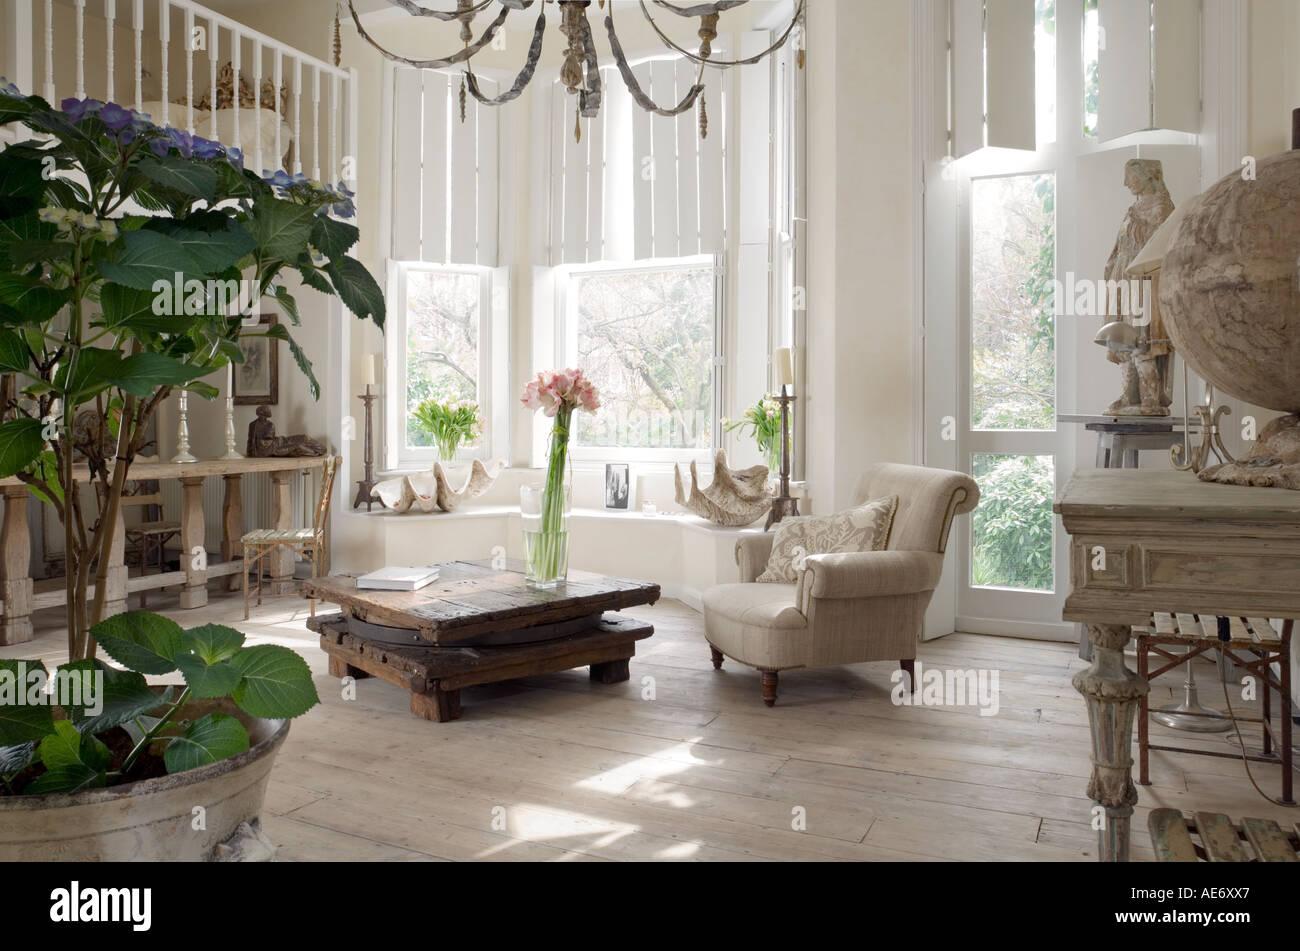 Bianco piano aperto interno con pianta in vaso, grandi finestre e mezzanine Immagini Stock